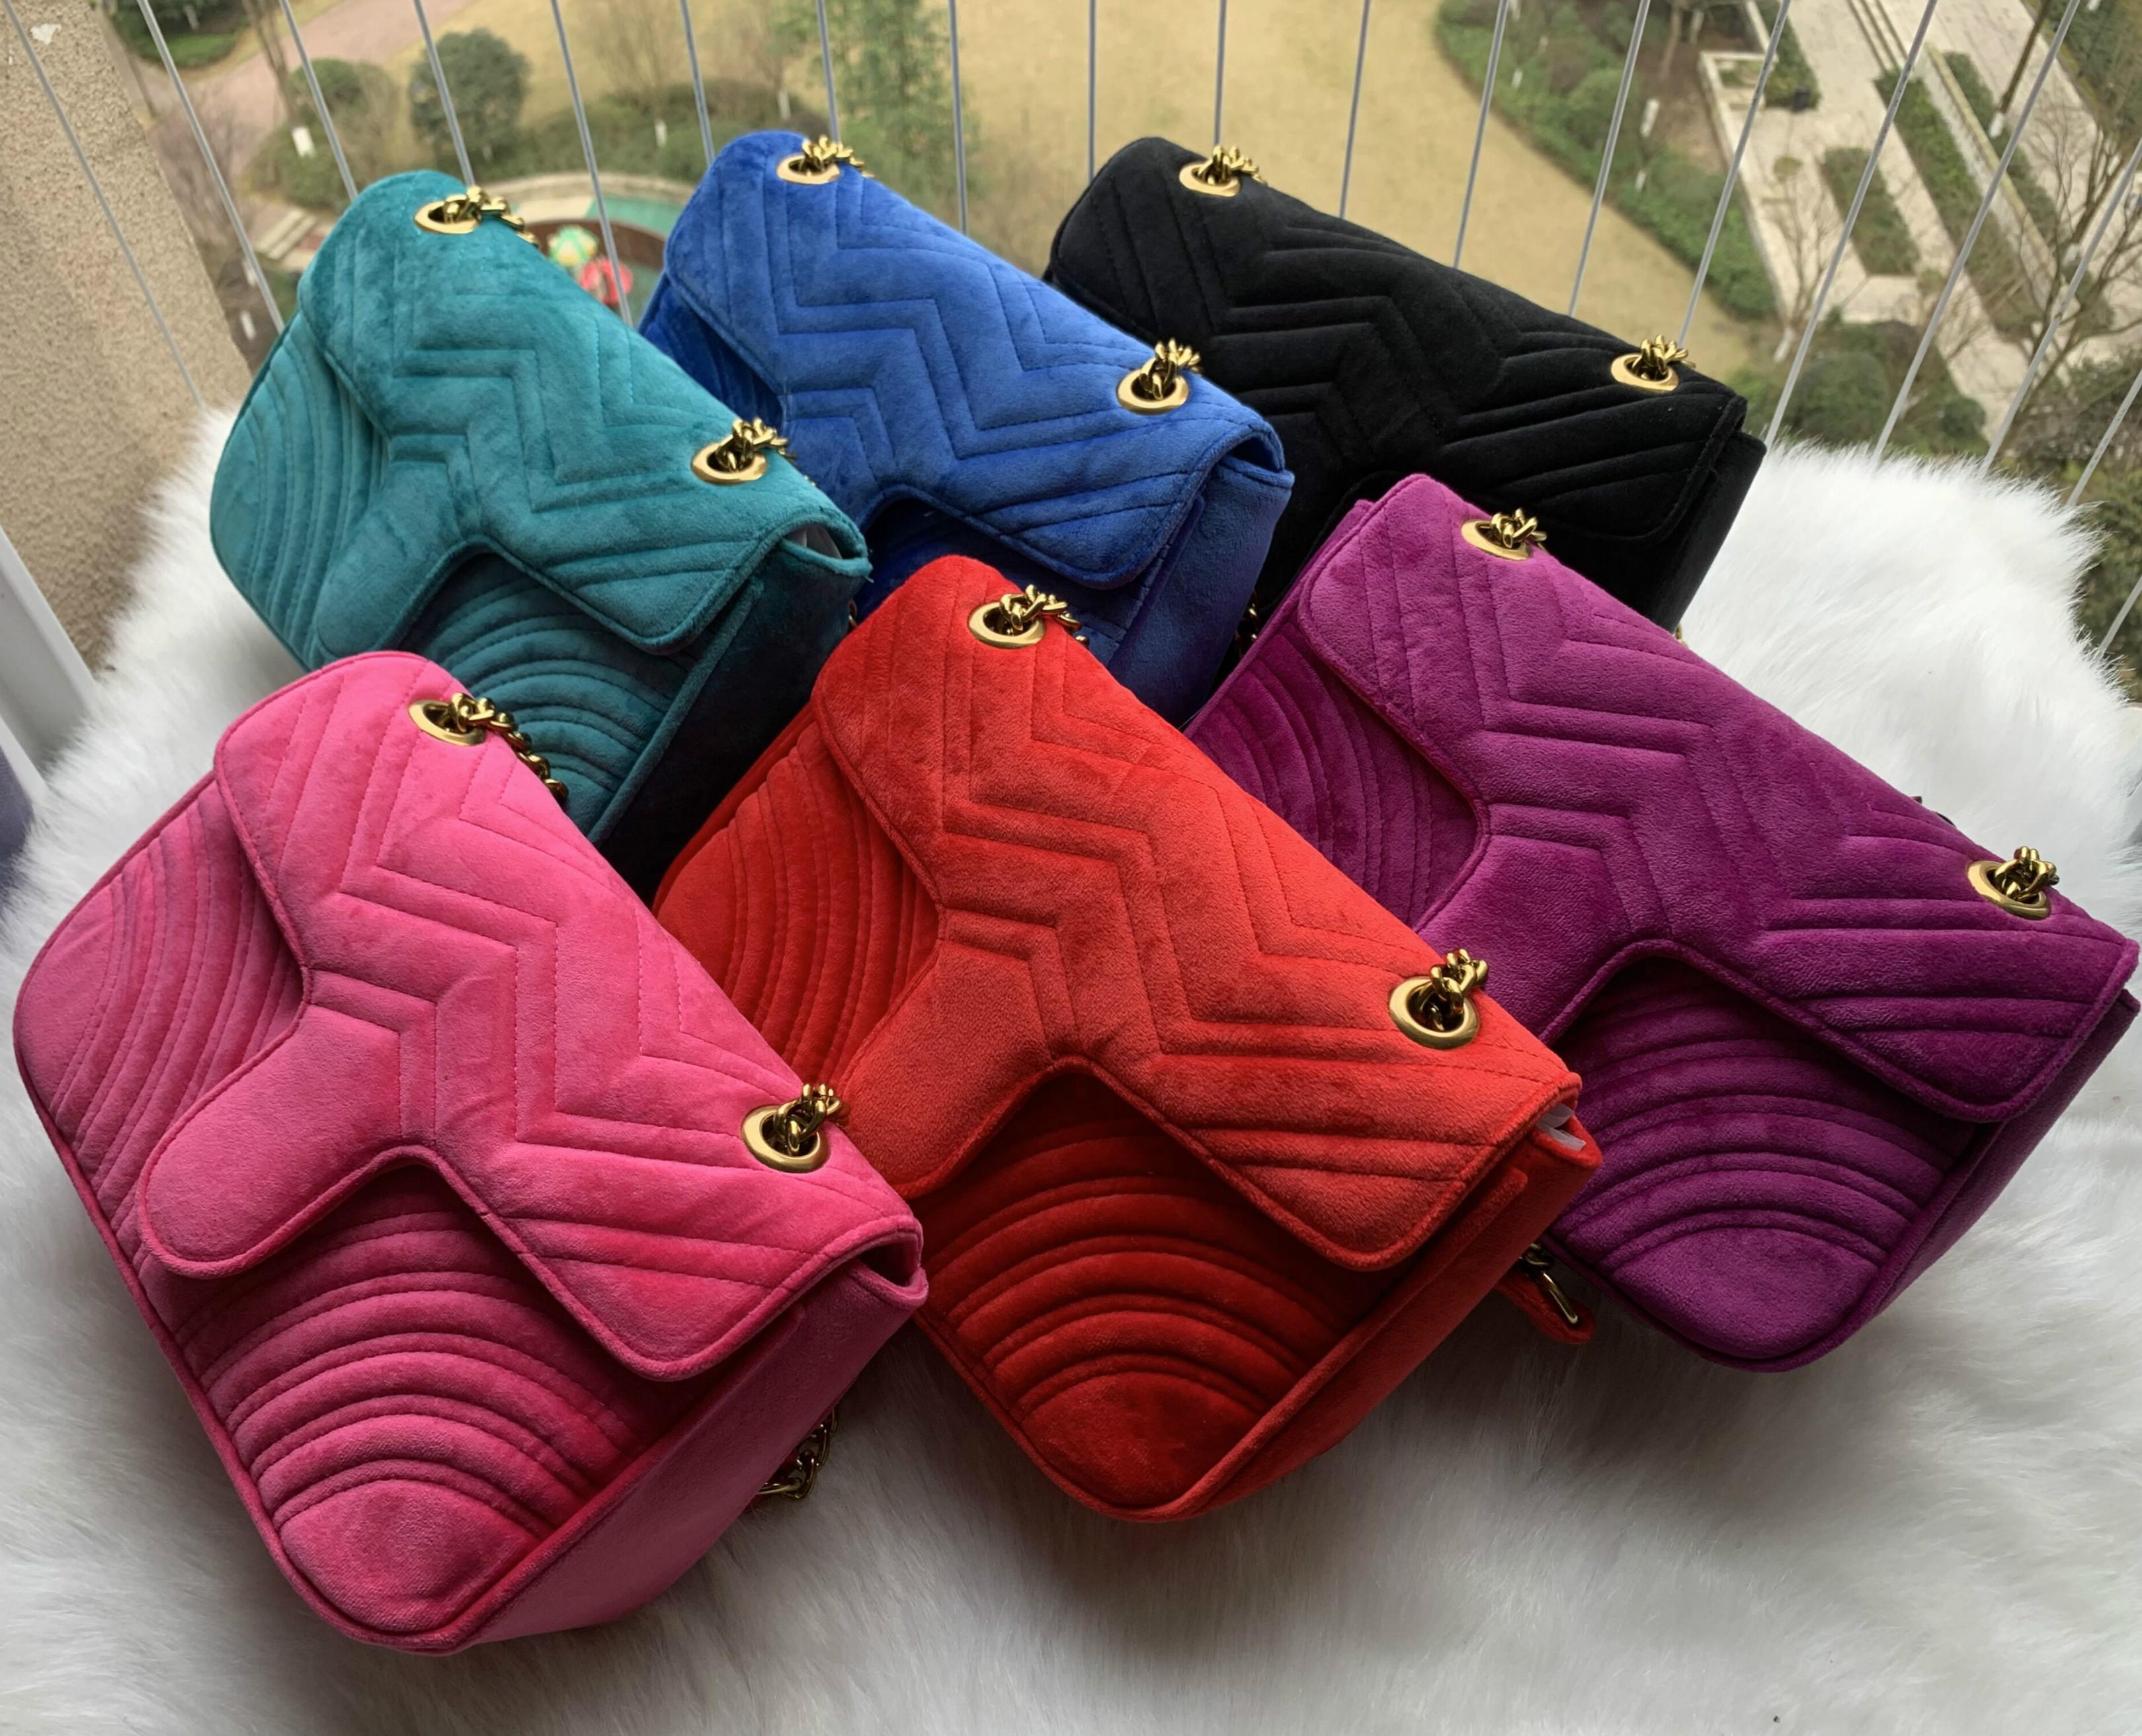 Дизайнер-Мармон бархата сумка сумки женщин известного брендов плечо сумка Сильви дизайнер роскошных сумка Кошельки способ цепи Кроссбоди мешок